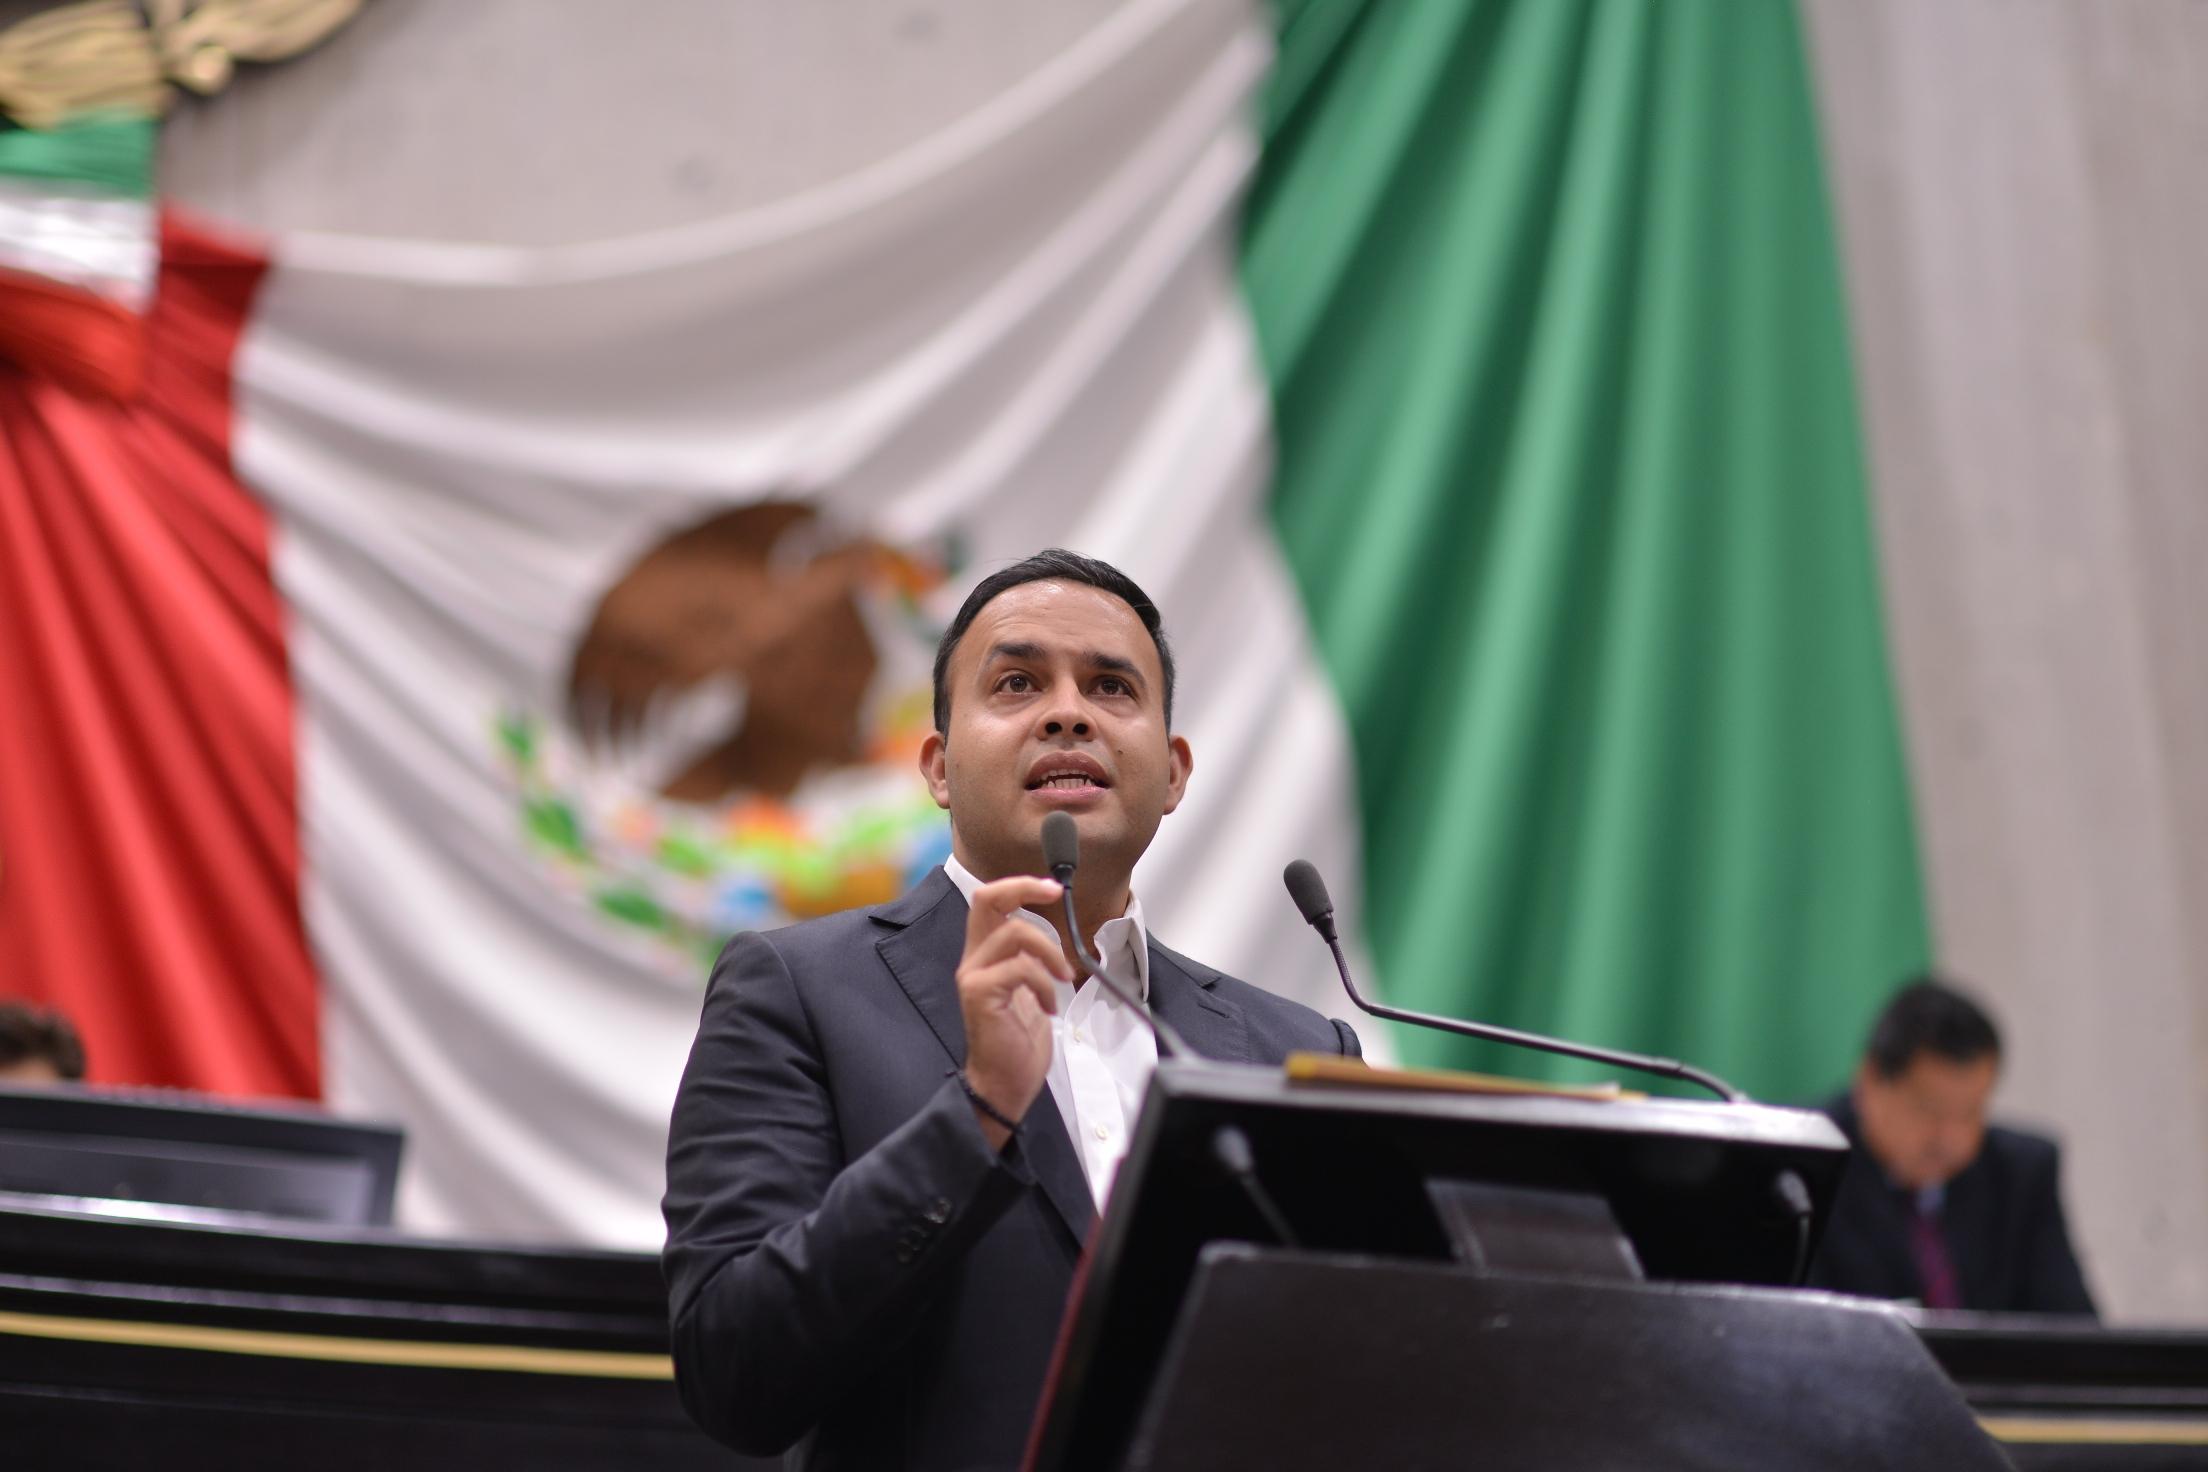 Título y Cédula profesional, requisitos para ocupar cargos municipales: Carlos Morales